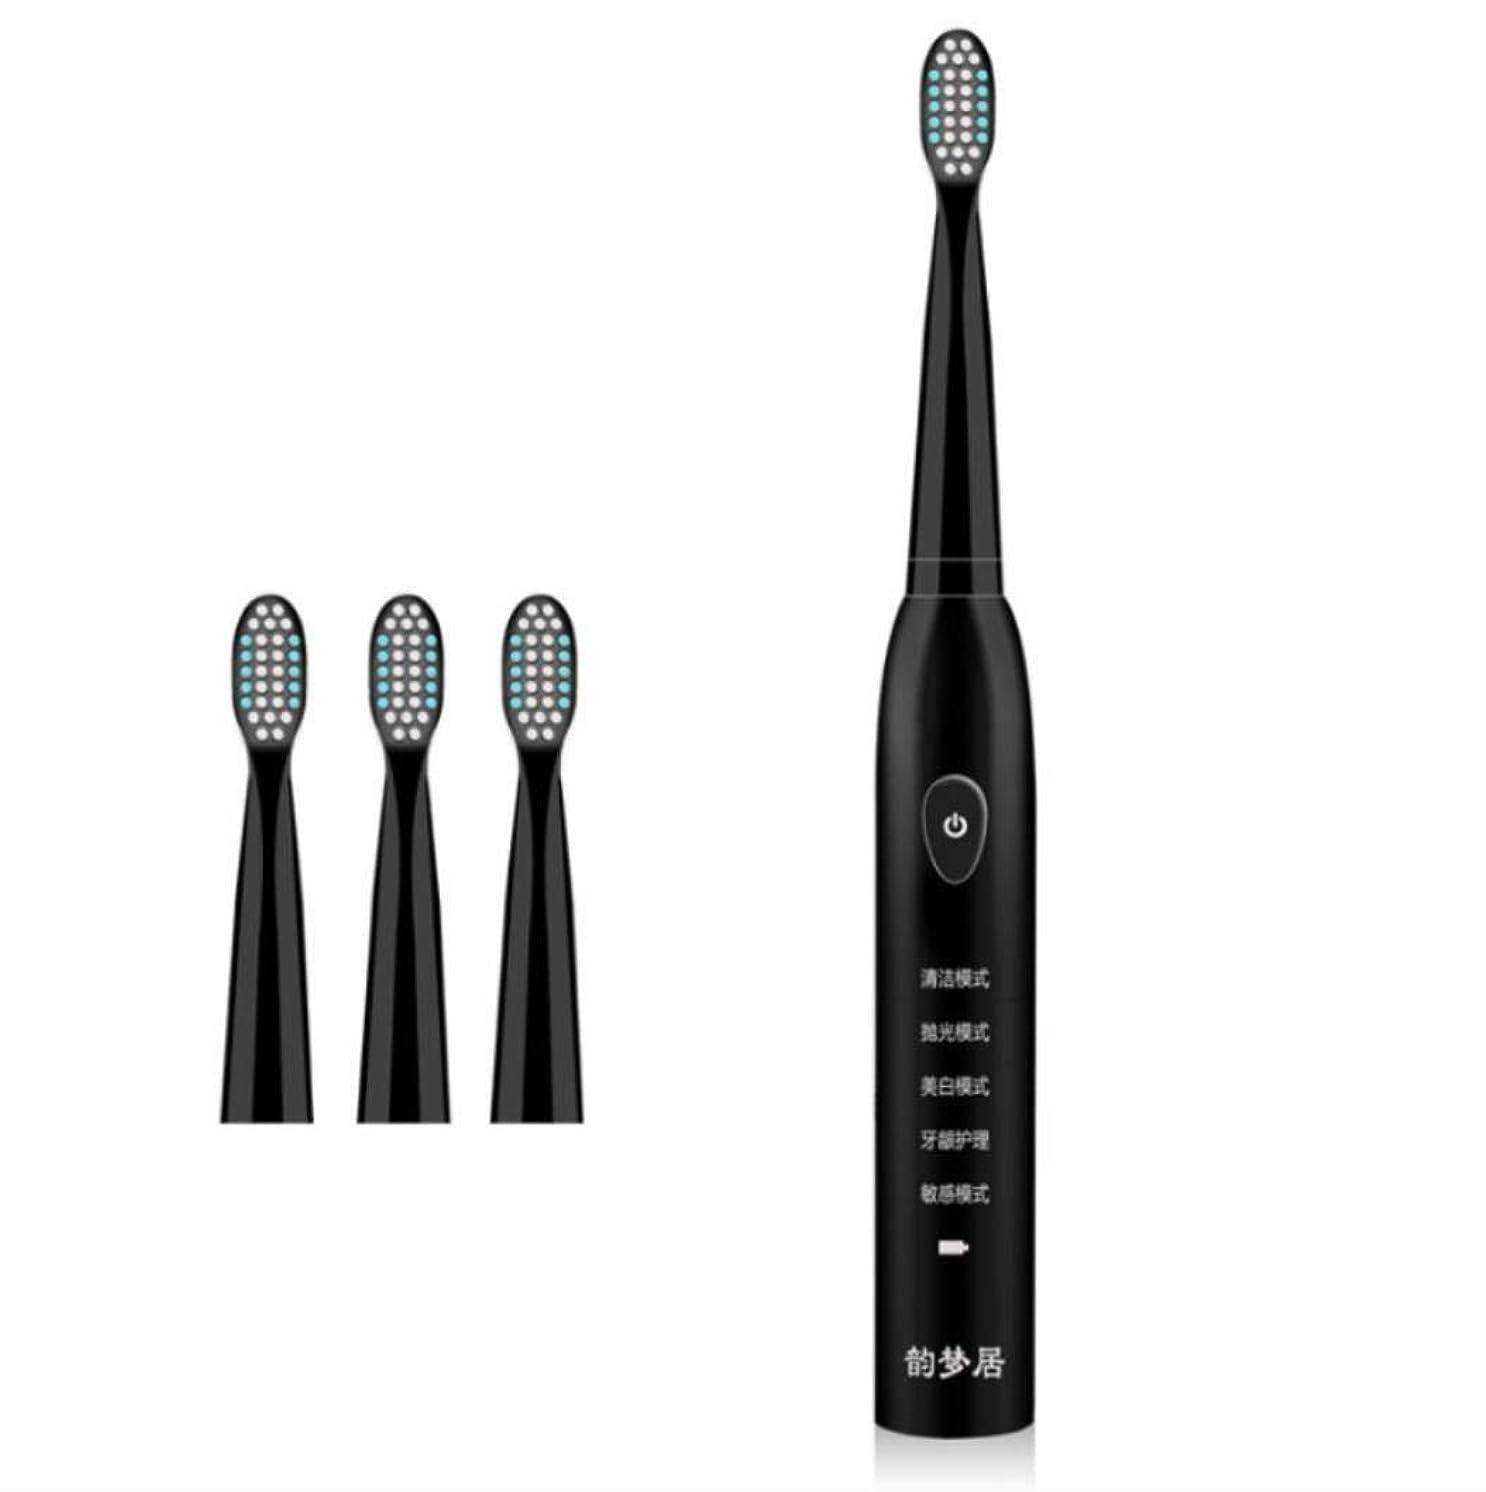 用語集解釈的いらいらする4つの取り替えのブラシヘッドUSBが付いている電気歯ブラシは5つのモードを満たしました音波のクリーニングを達成します,Black